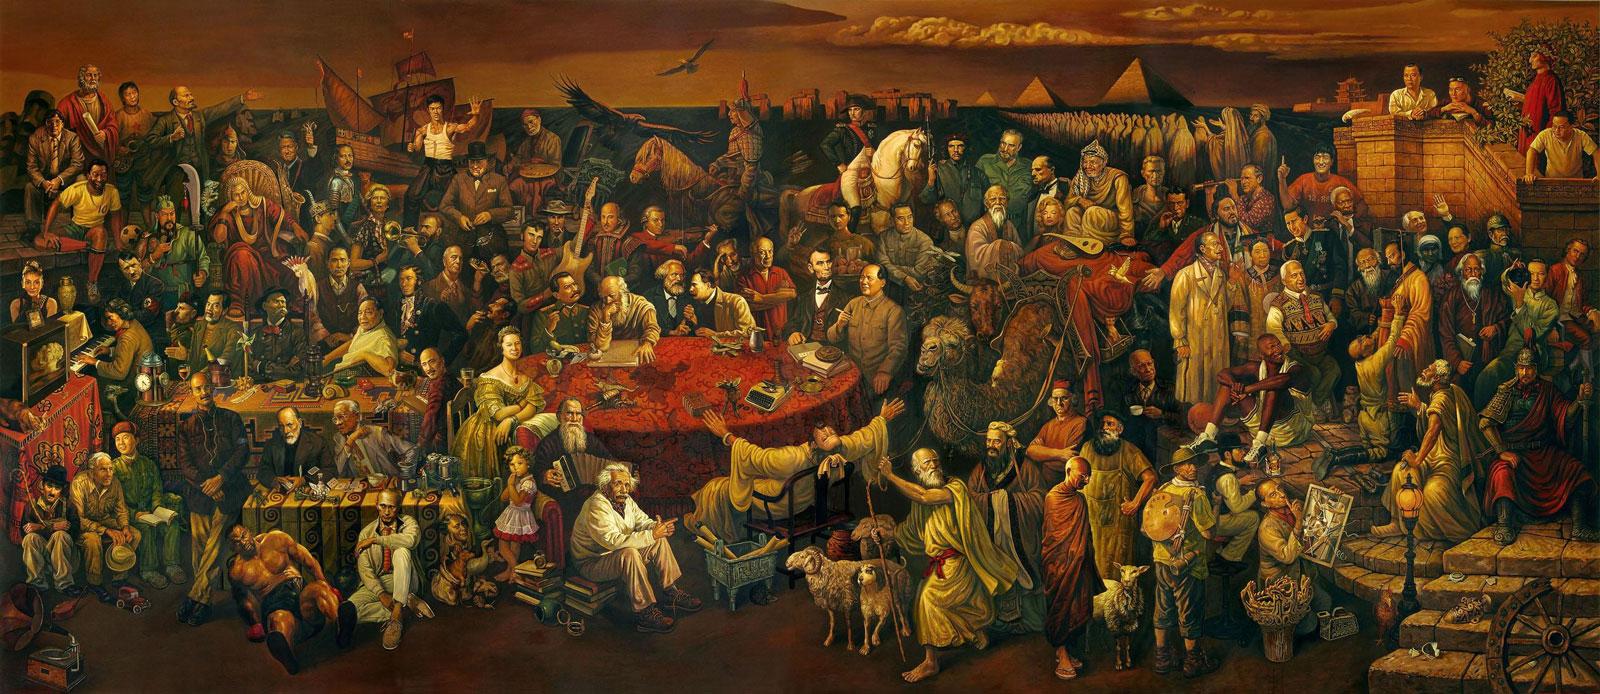 """""""สนทนาเรื่องสุขนาฏกรรมแห่งทวยเทพกับดานเต้"""" (Discussing the Divine Comedy With Dante, 与但丁讨论神曲)"""